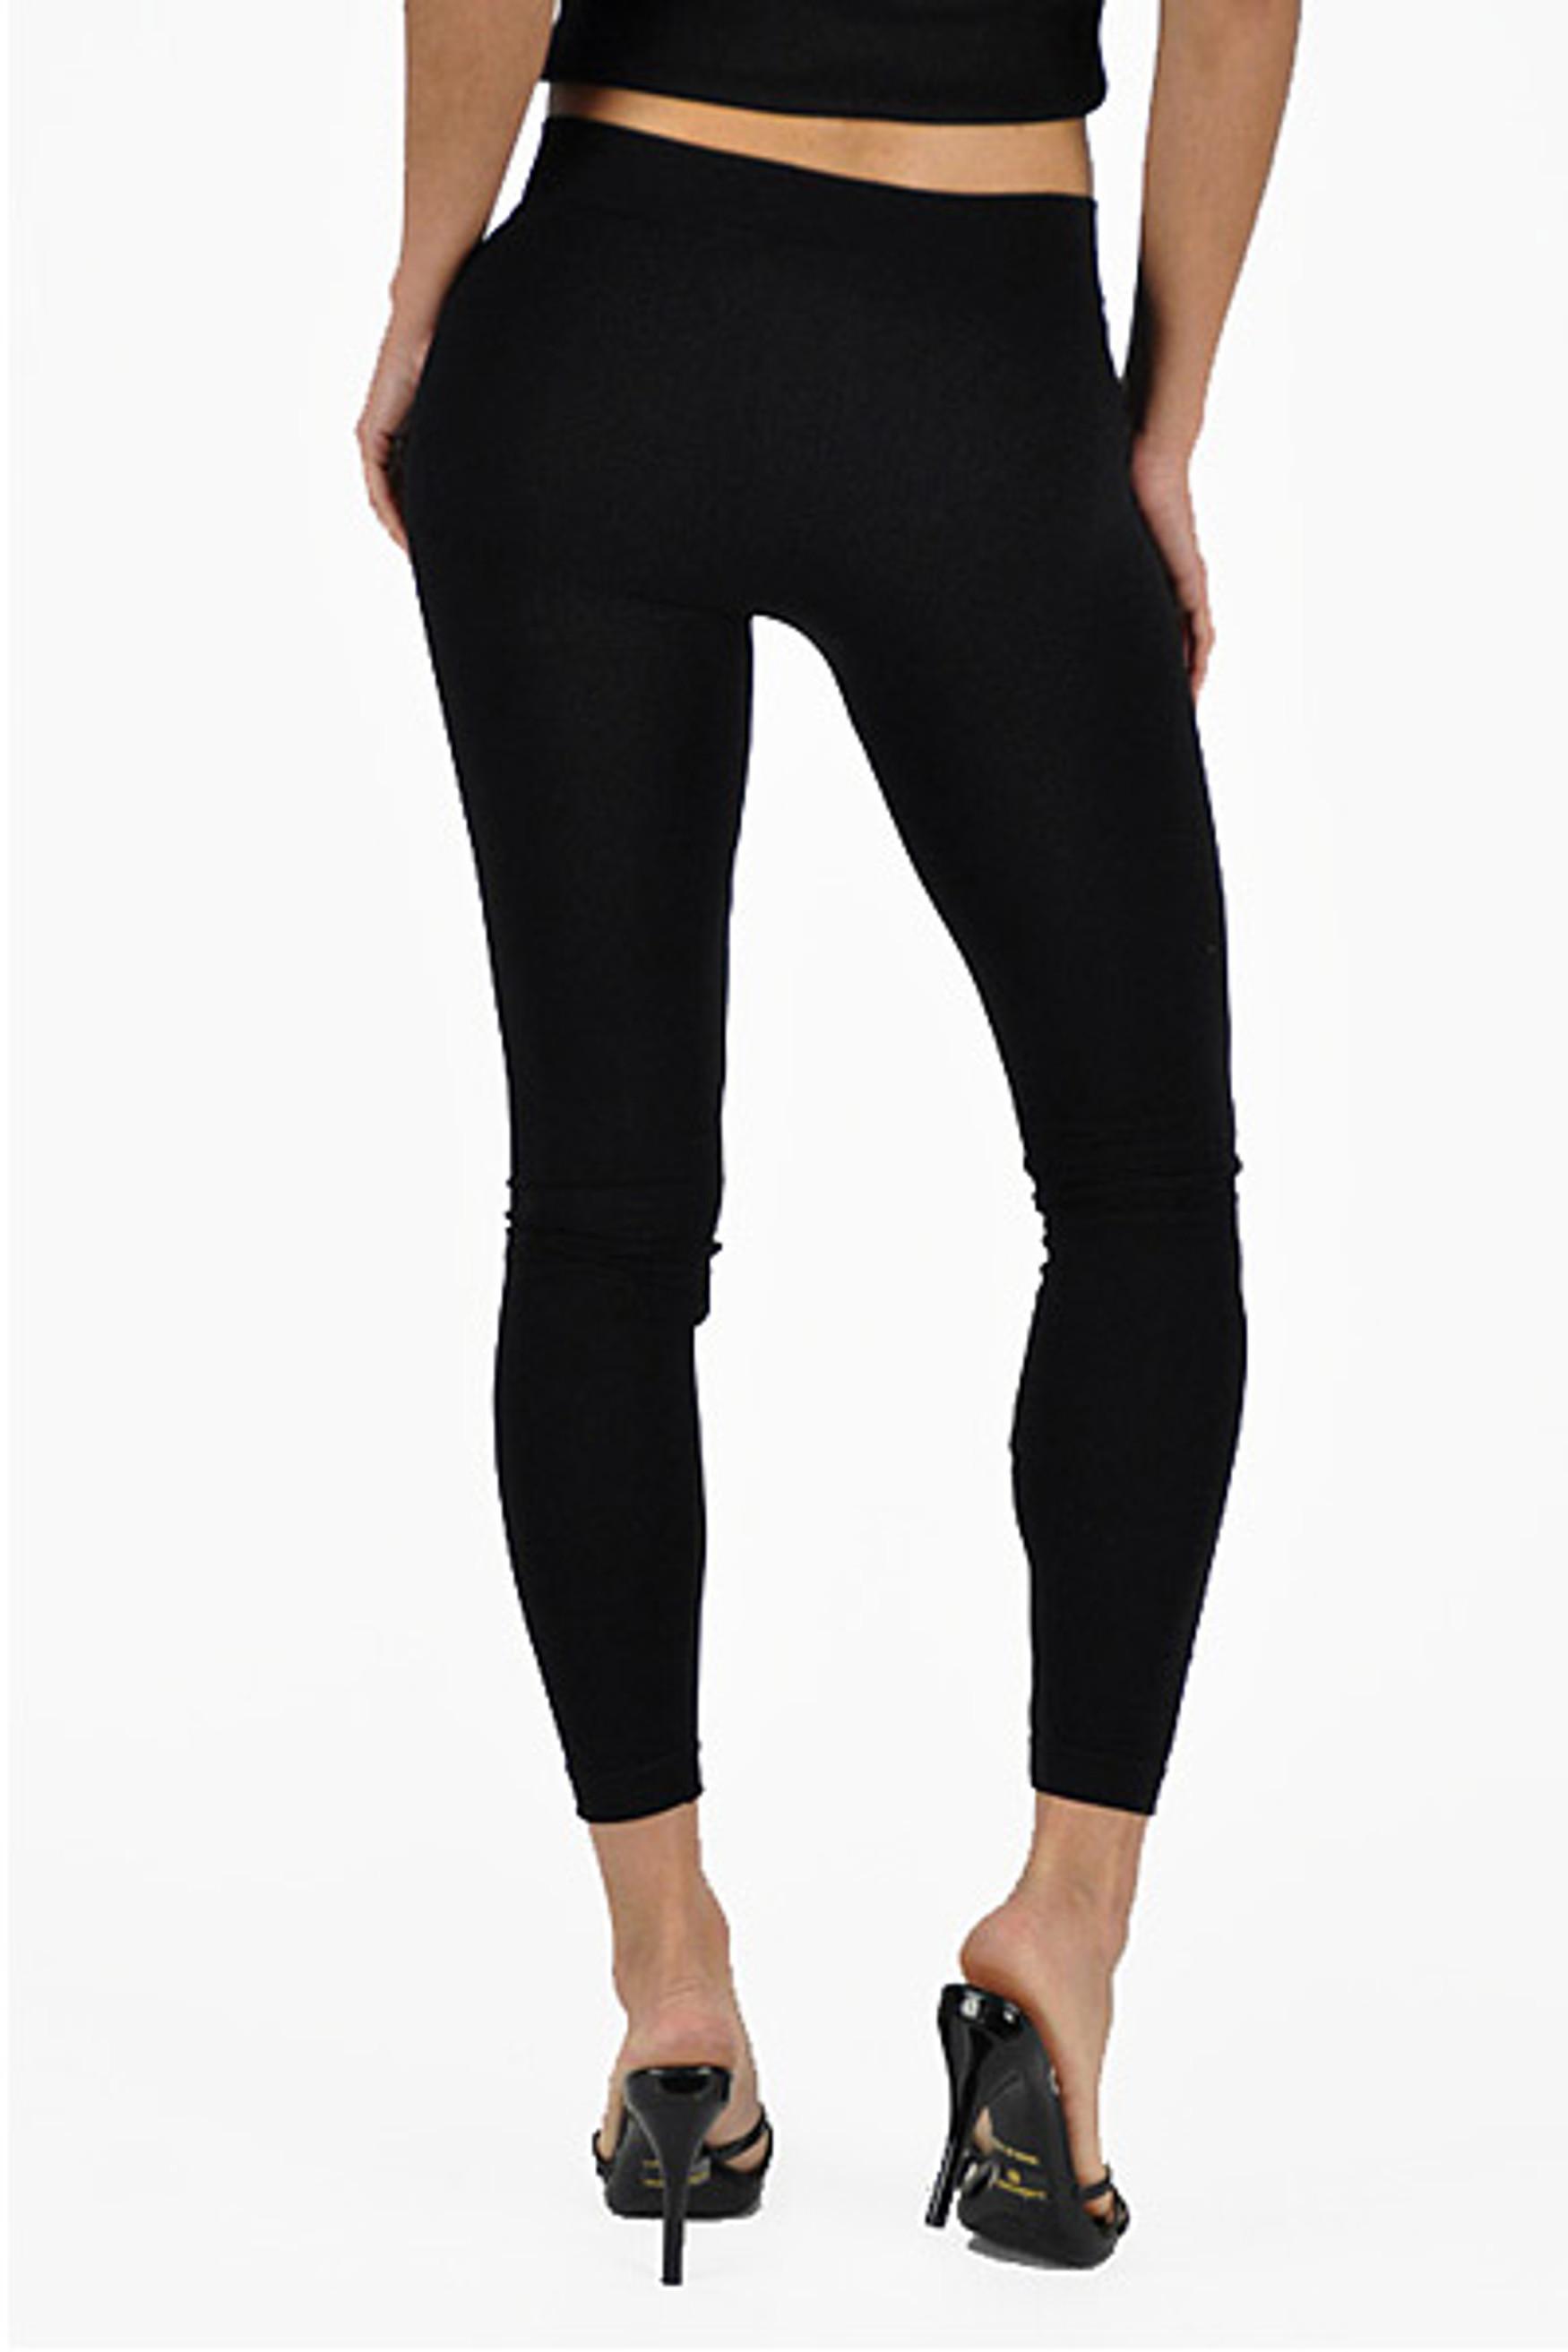 Full Length Basic Seamless Leggings